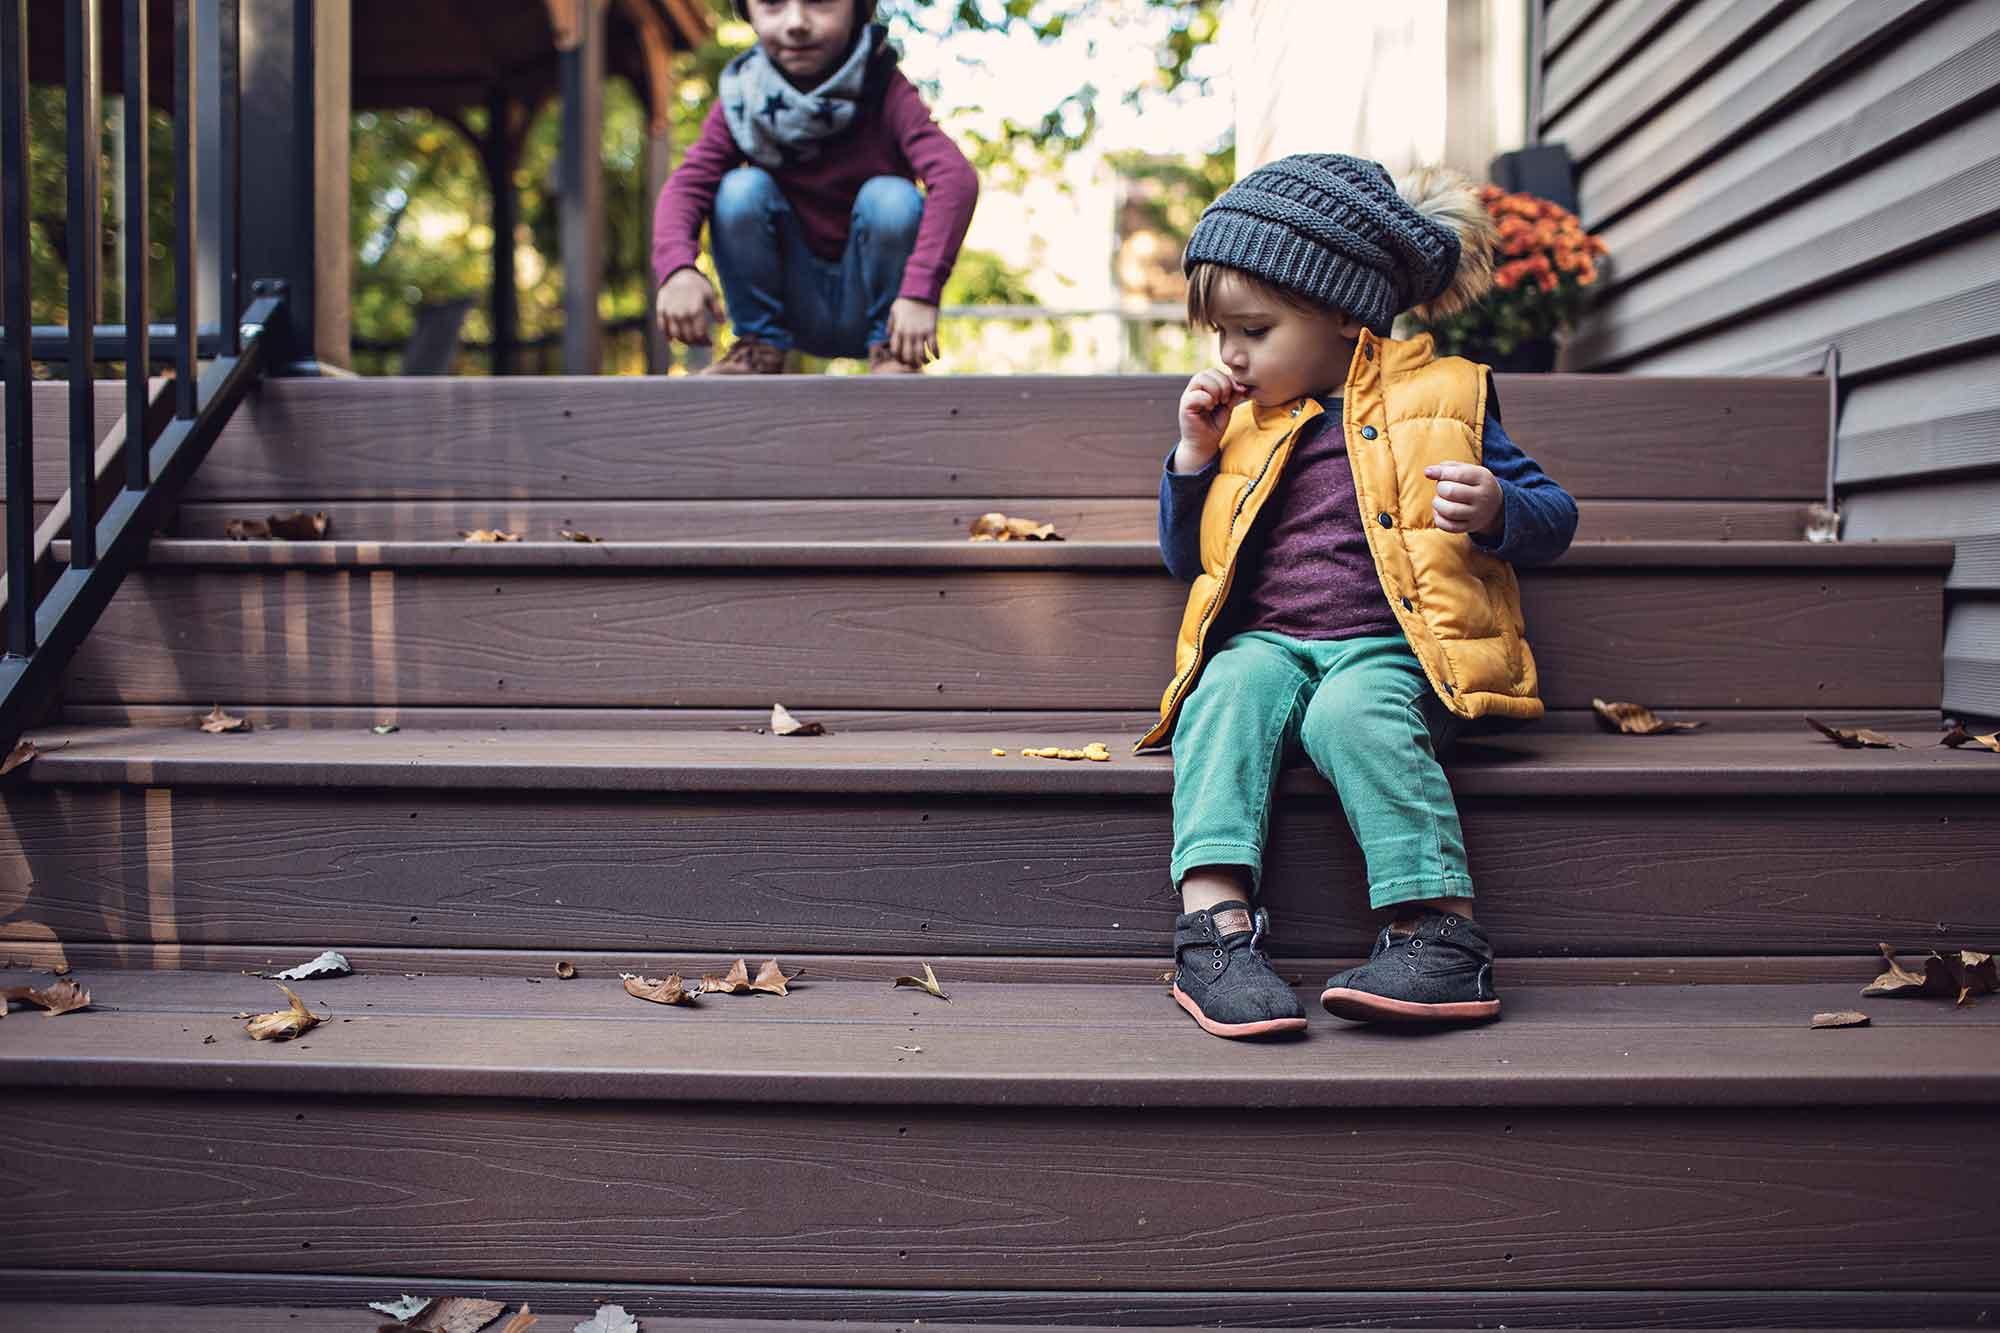 California Custom Decks Fall Deck Stairs St. Louis